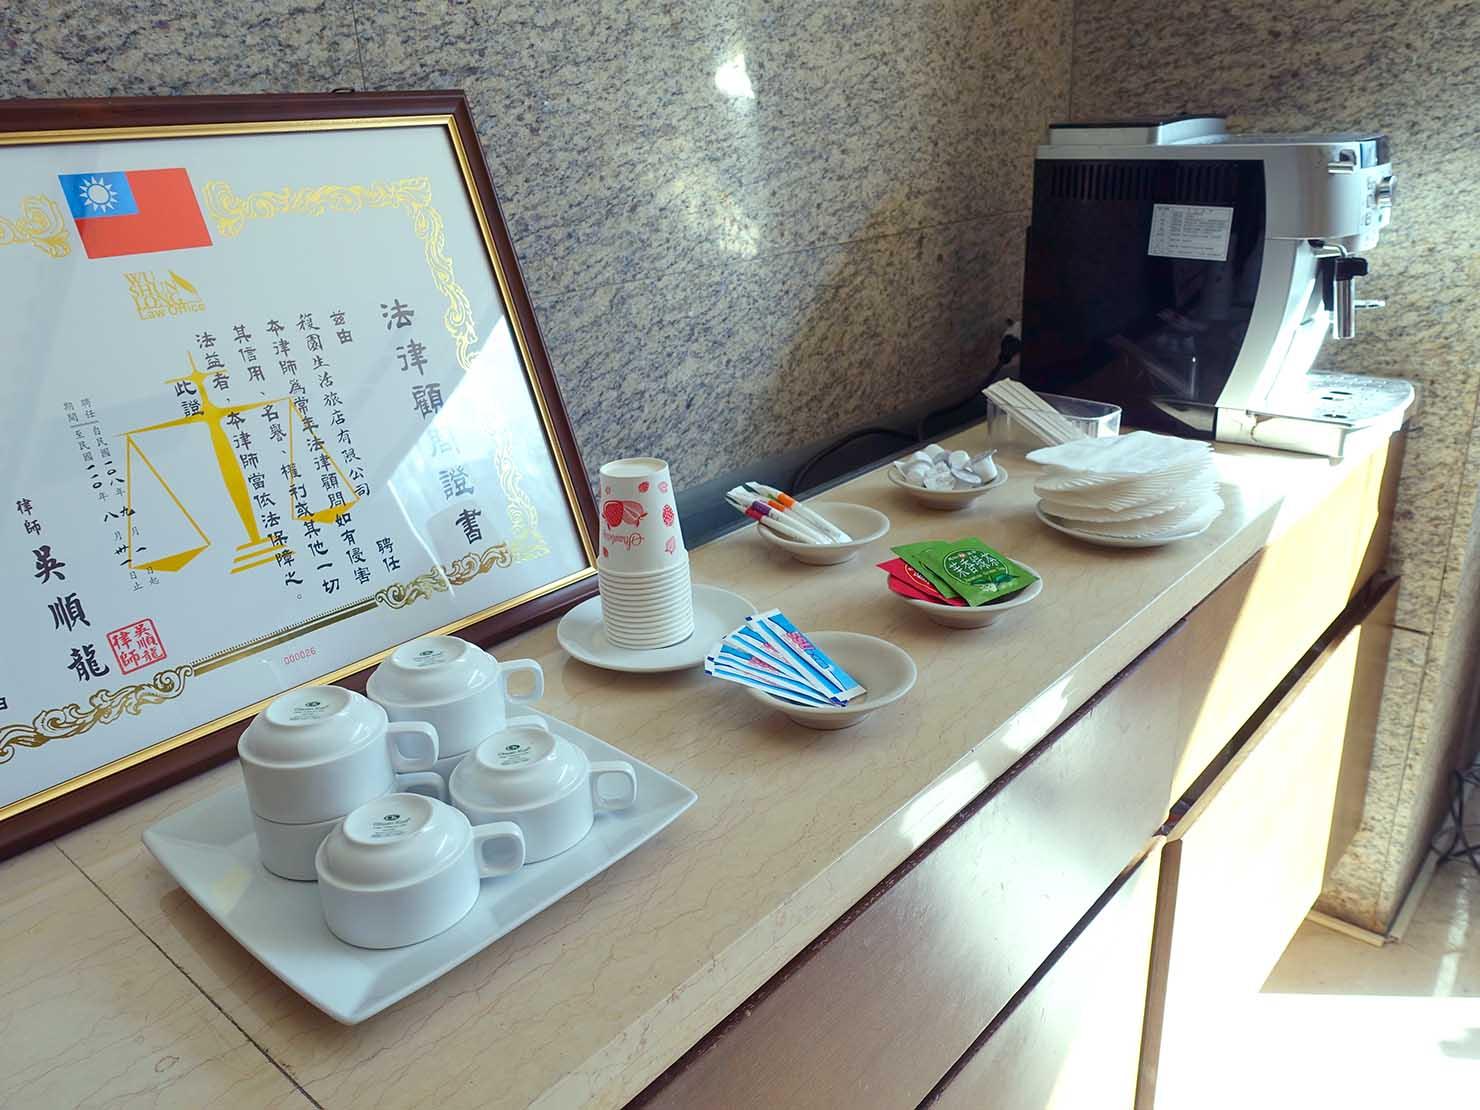 花蓮市街中心部にあるホテル「馥麗生活旅店 Quality Inn」ロビーに準備されたサービスドリンク